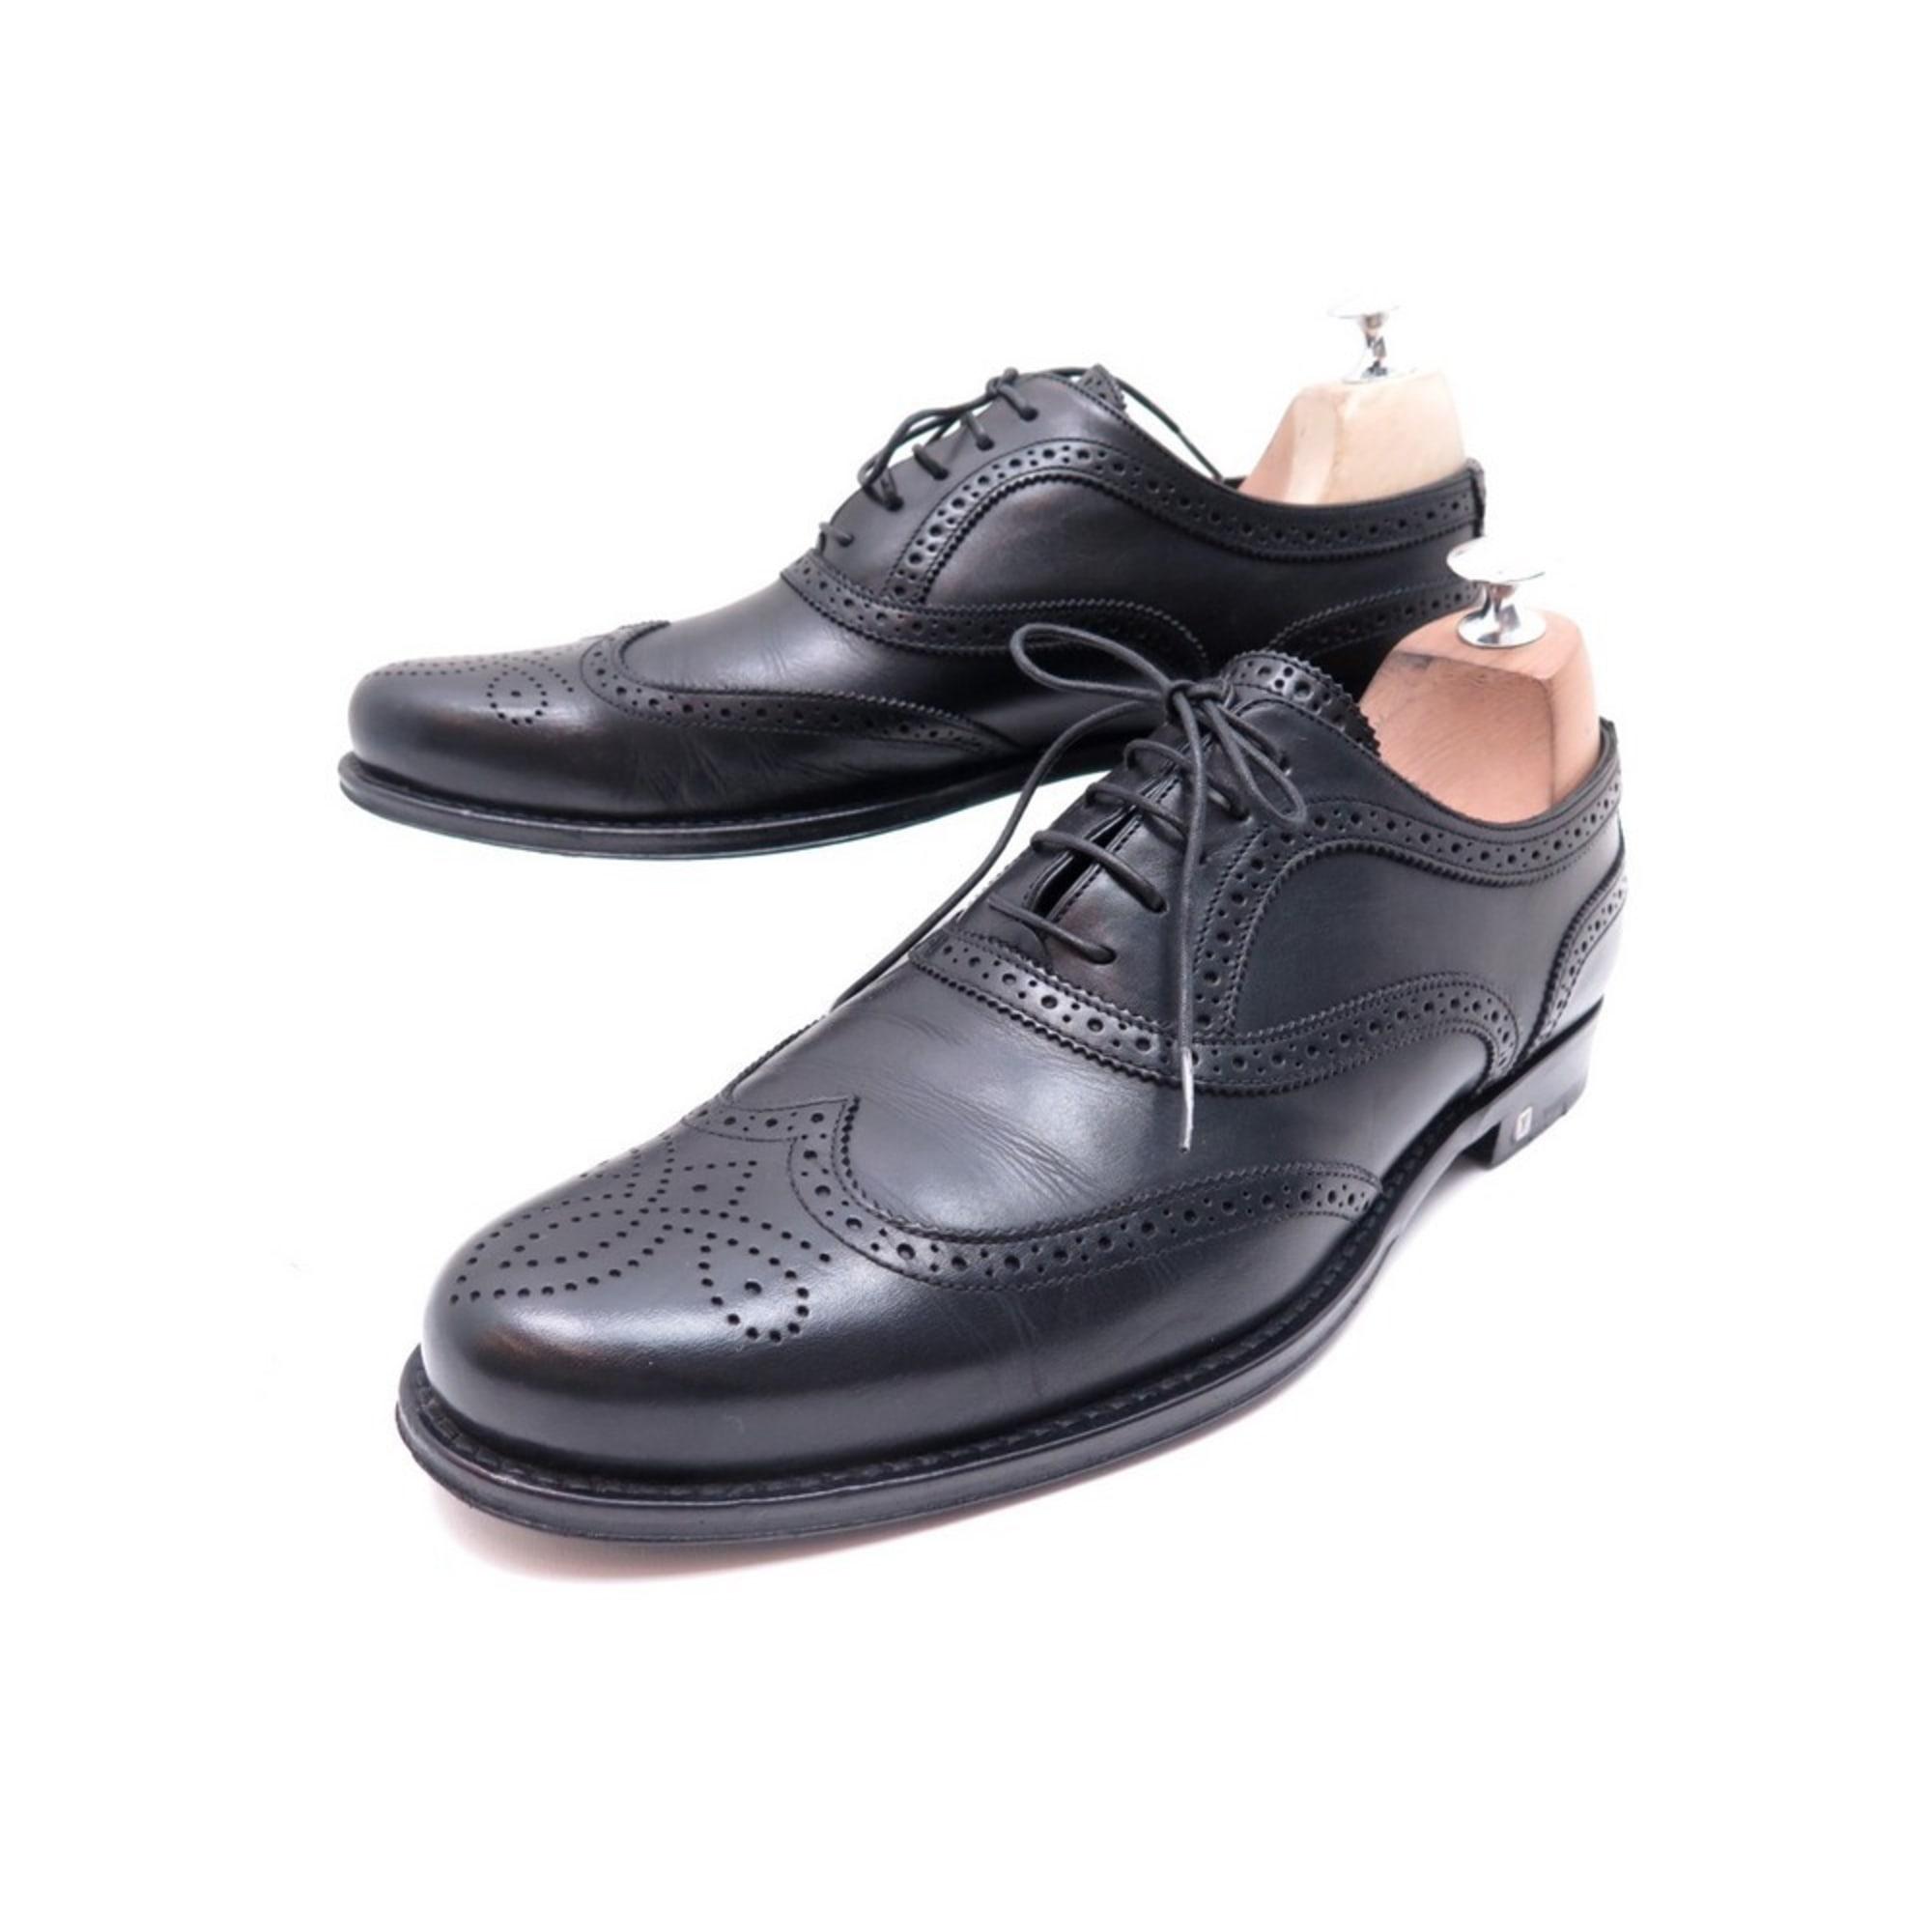 Lace Up Shoes LOUIS VUITTON Noir